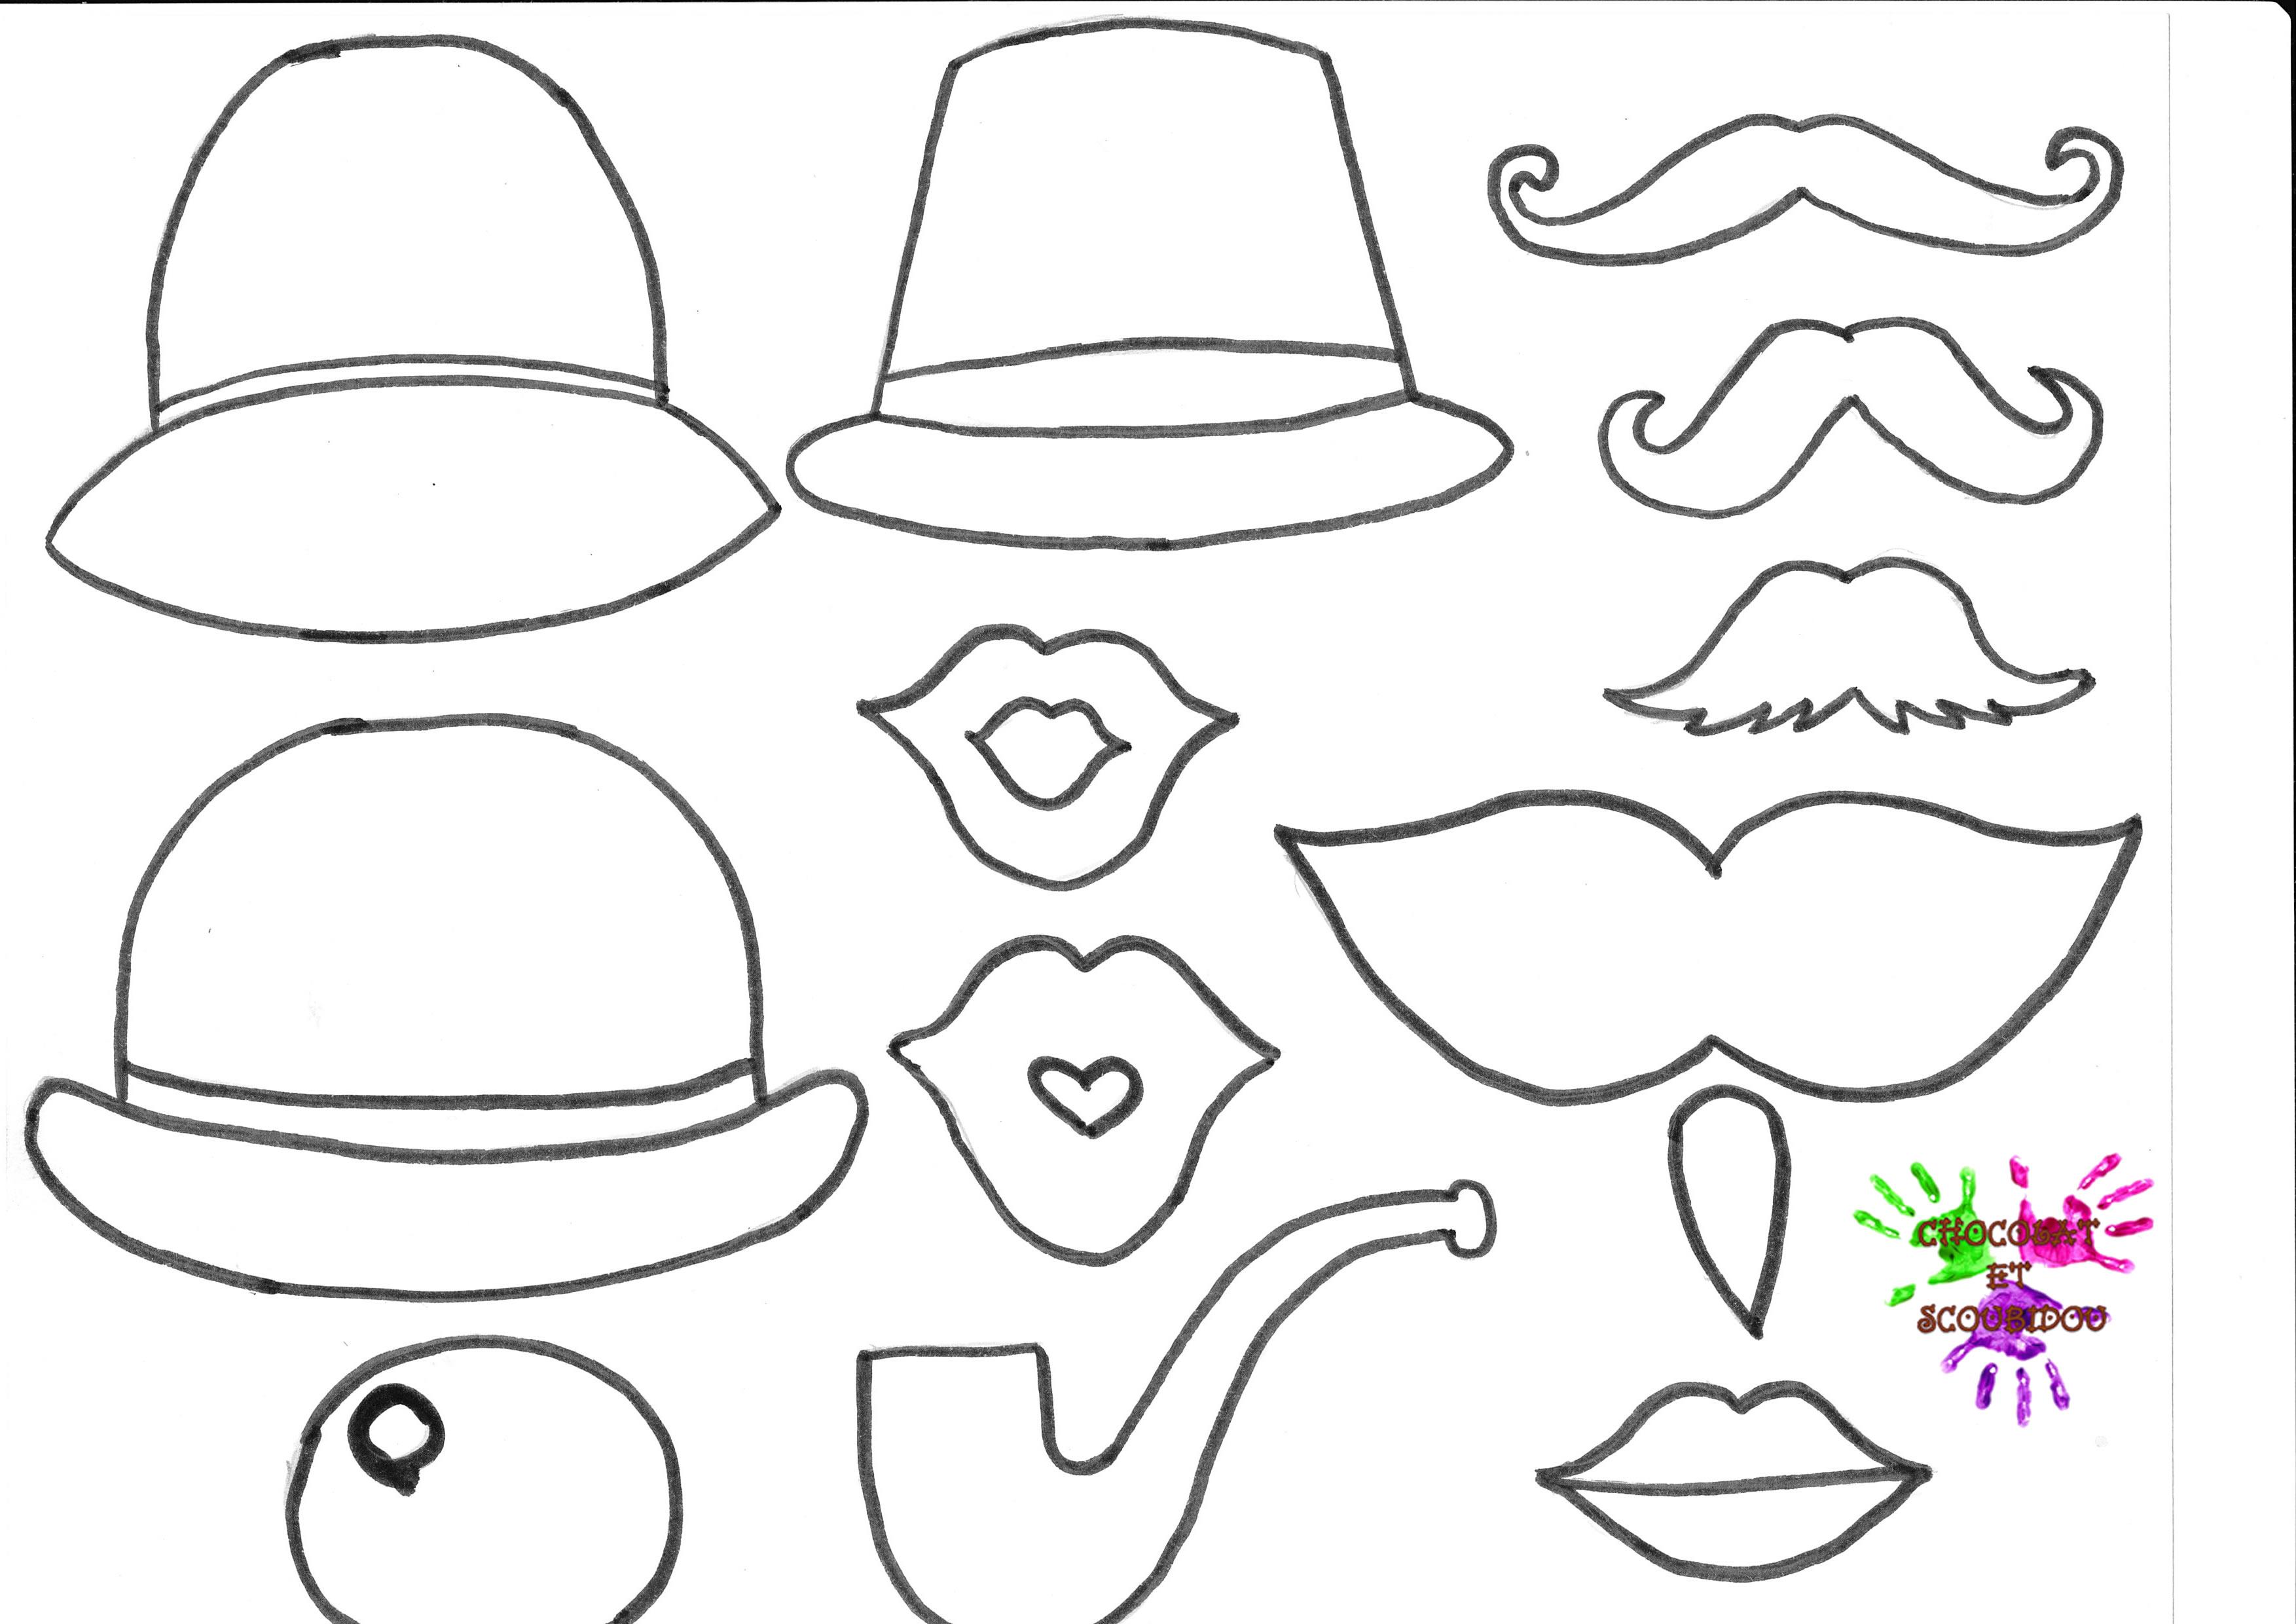 Belle coloriage chapeau bonhomme de neige - Dessin de moustache ...